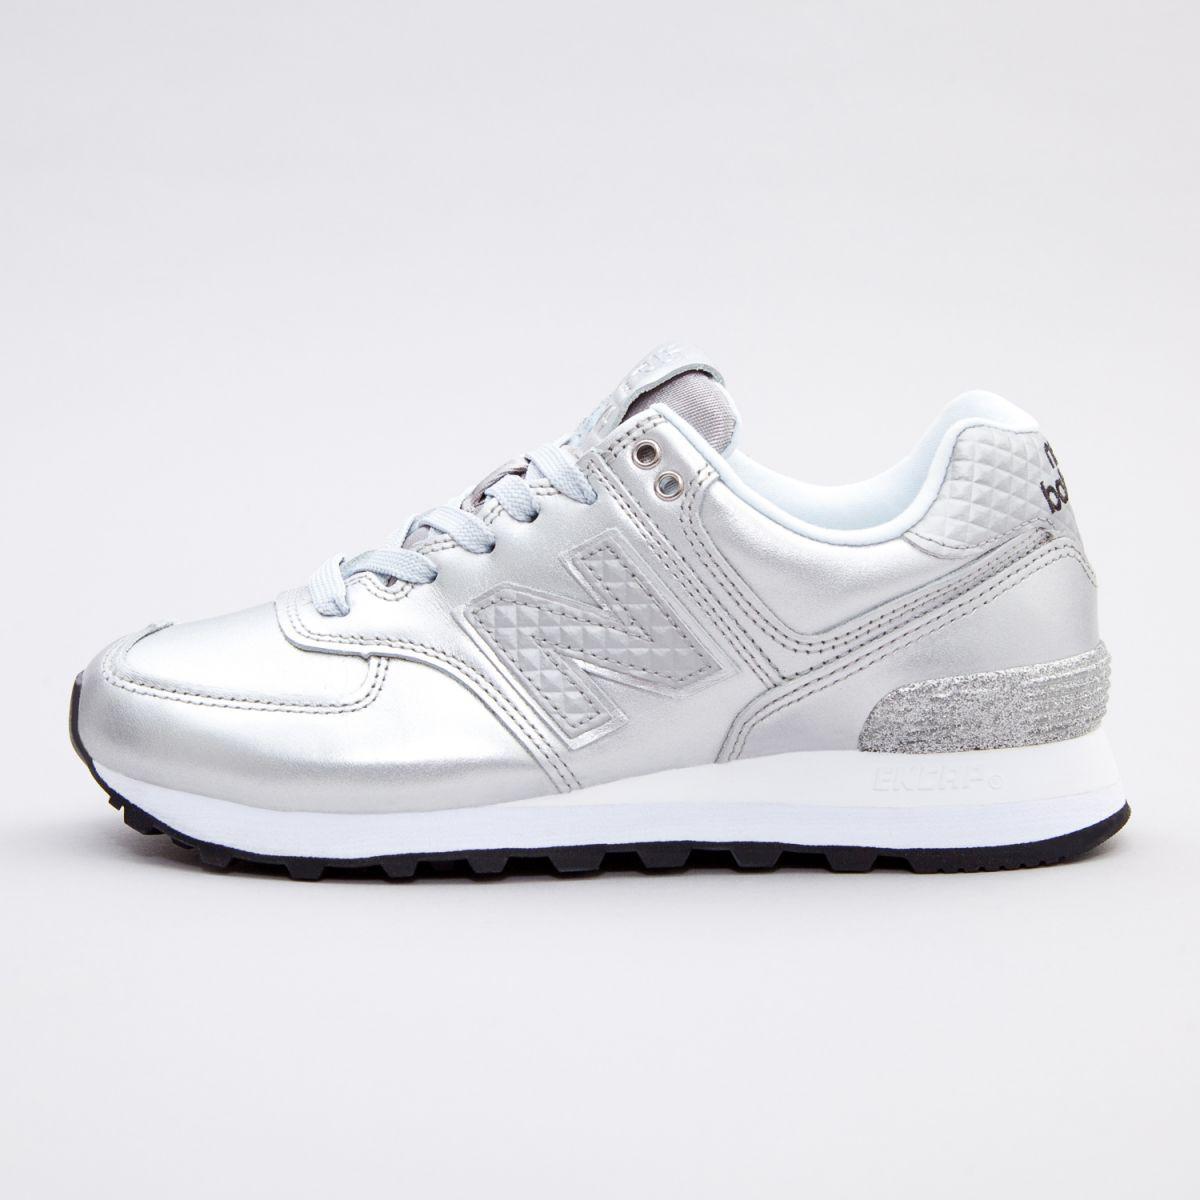 save off 91c91 09219 Оригинальные женские кроссовки New Balance 574